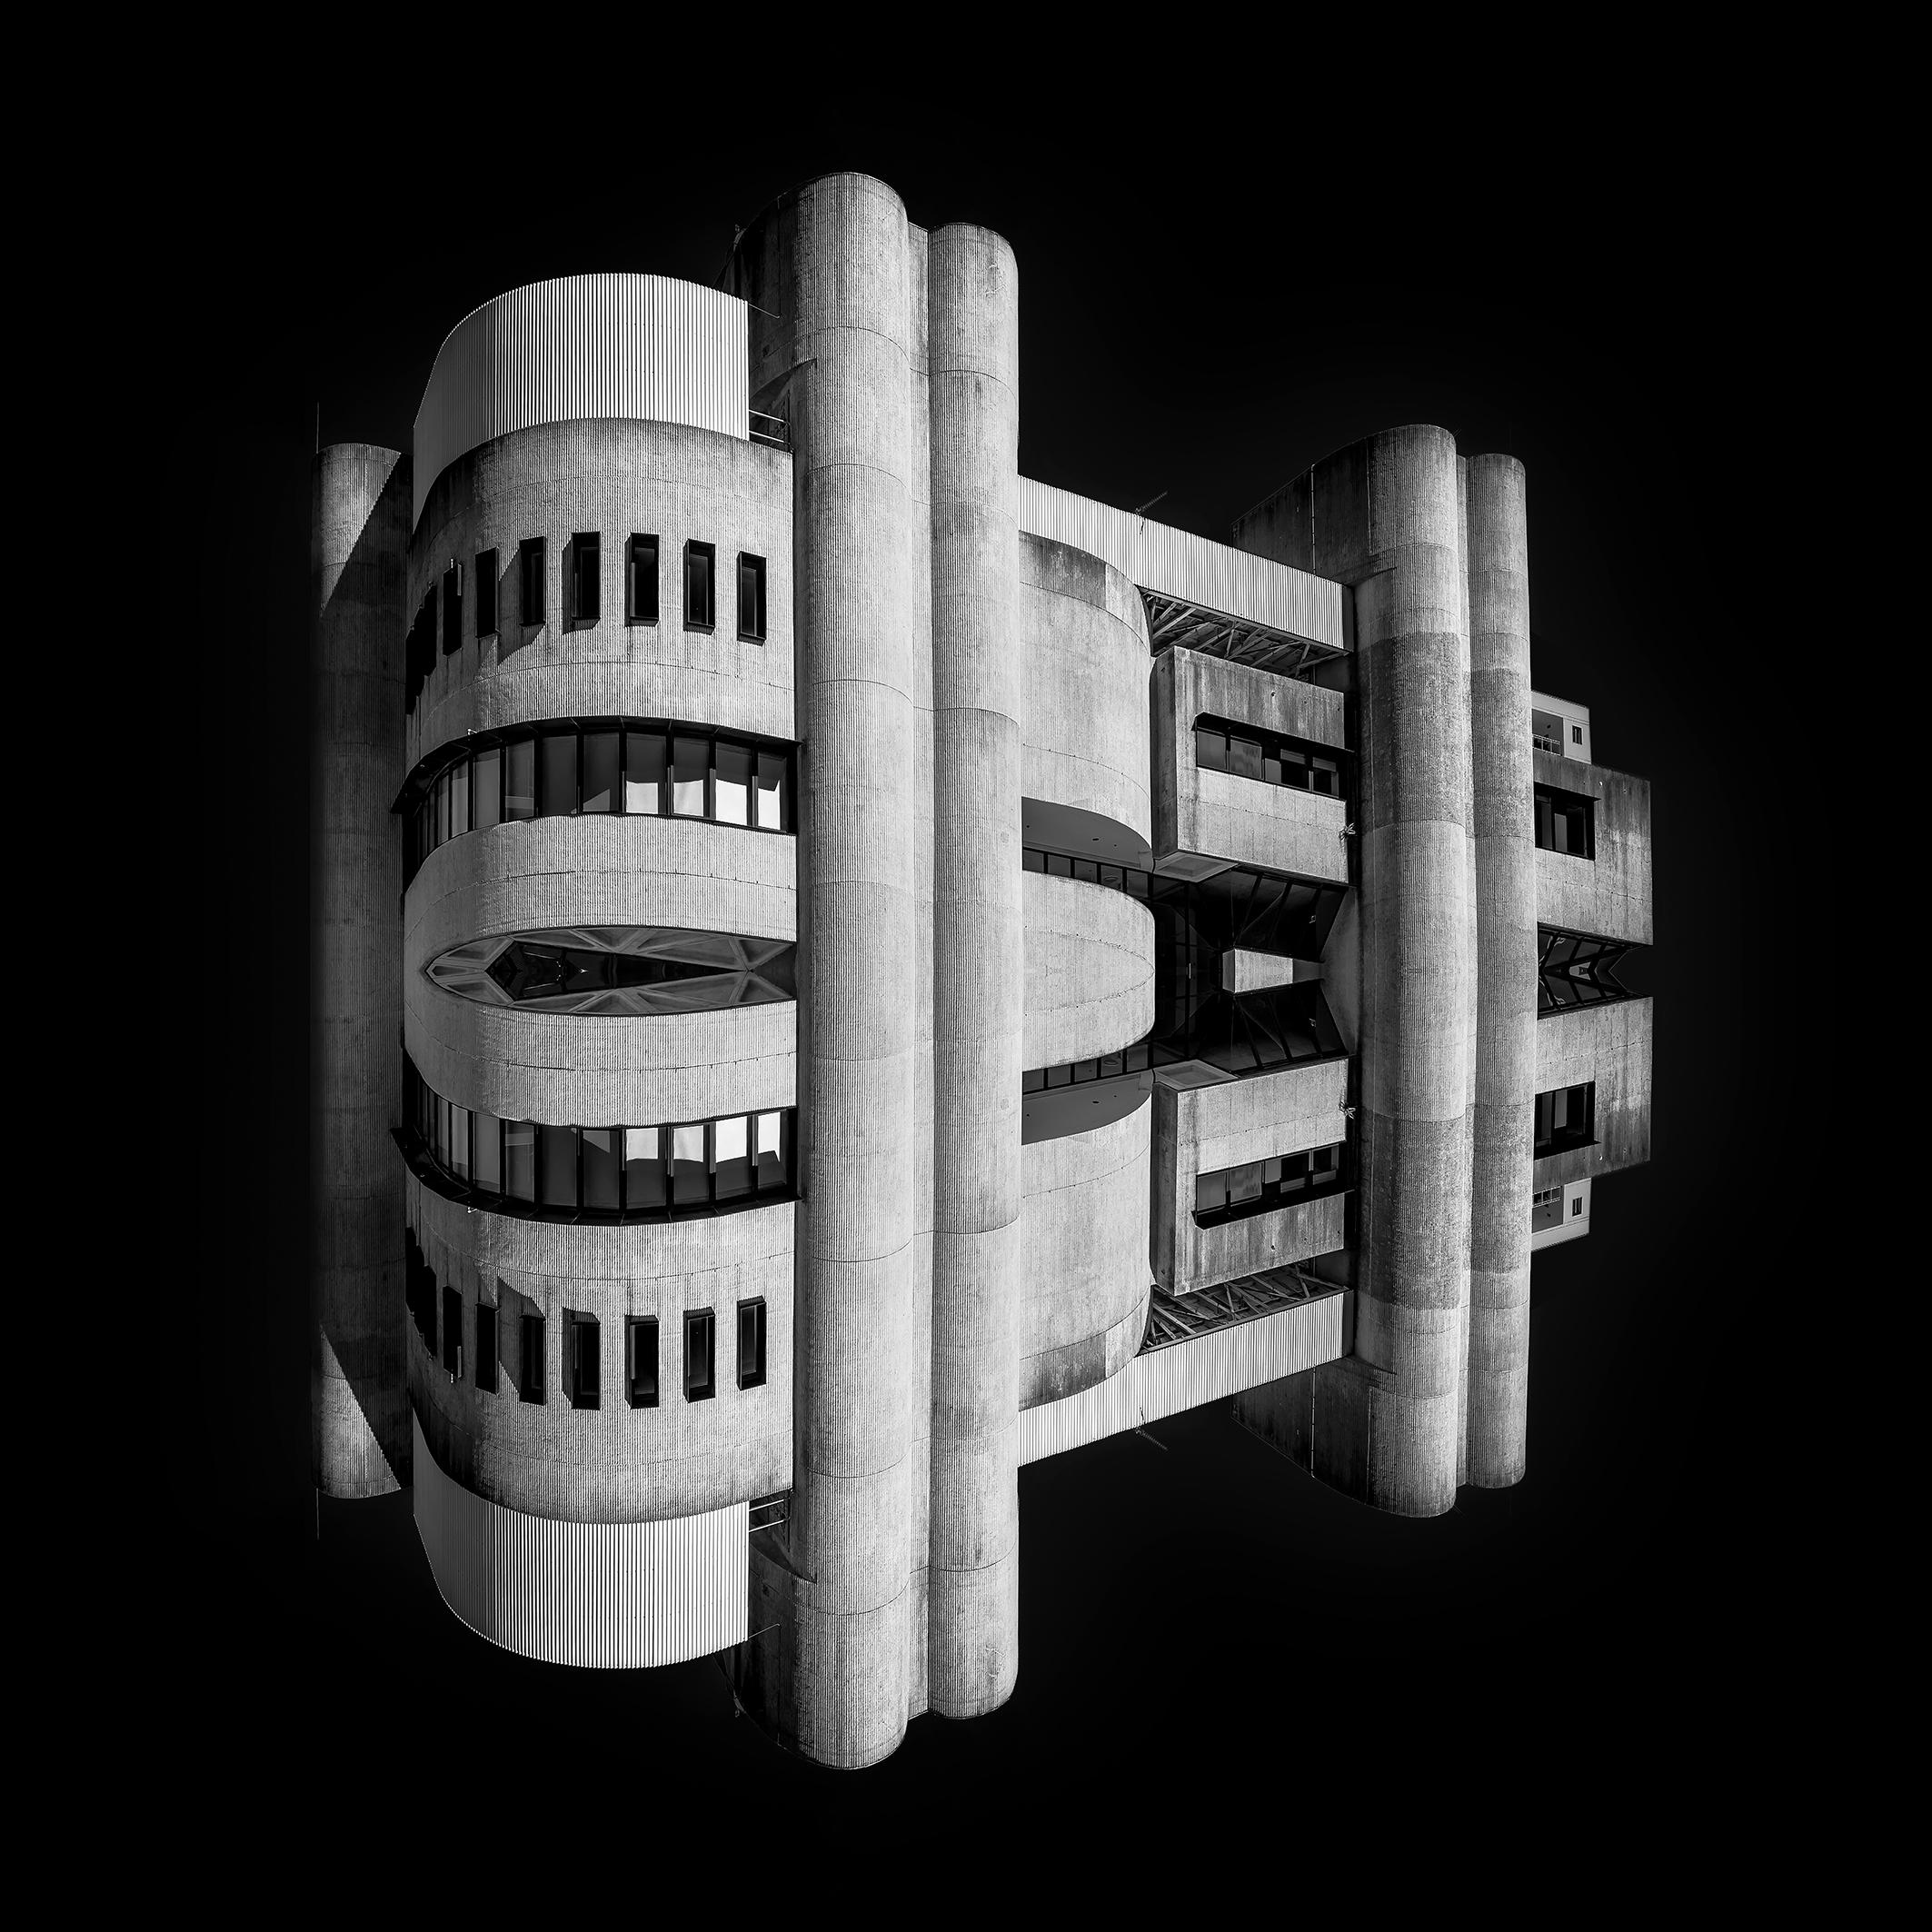 Copy of Geoffrey Goddard_Brute Force_photo_60x60cm.jpg